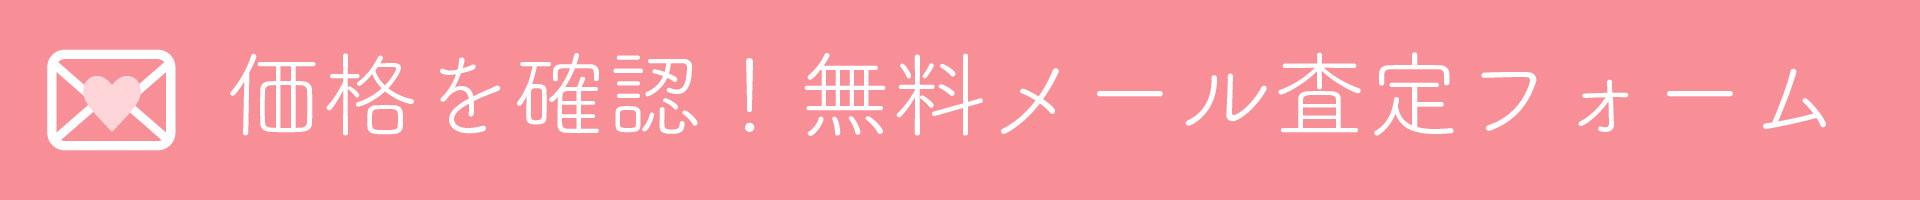 化粧品 無料査定メールフォーム